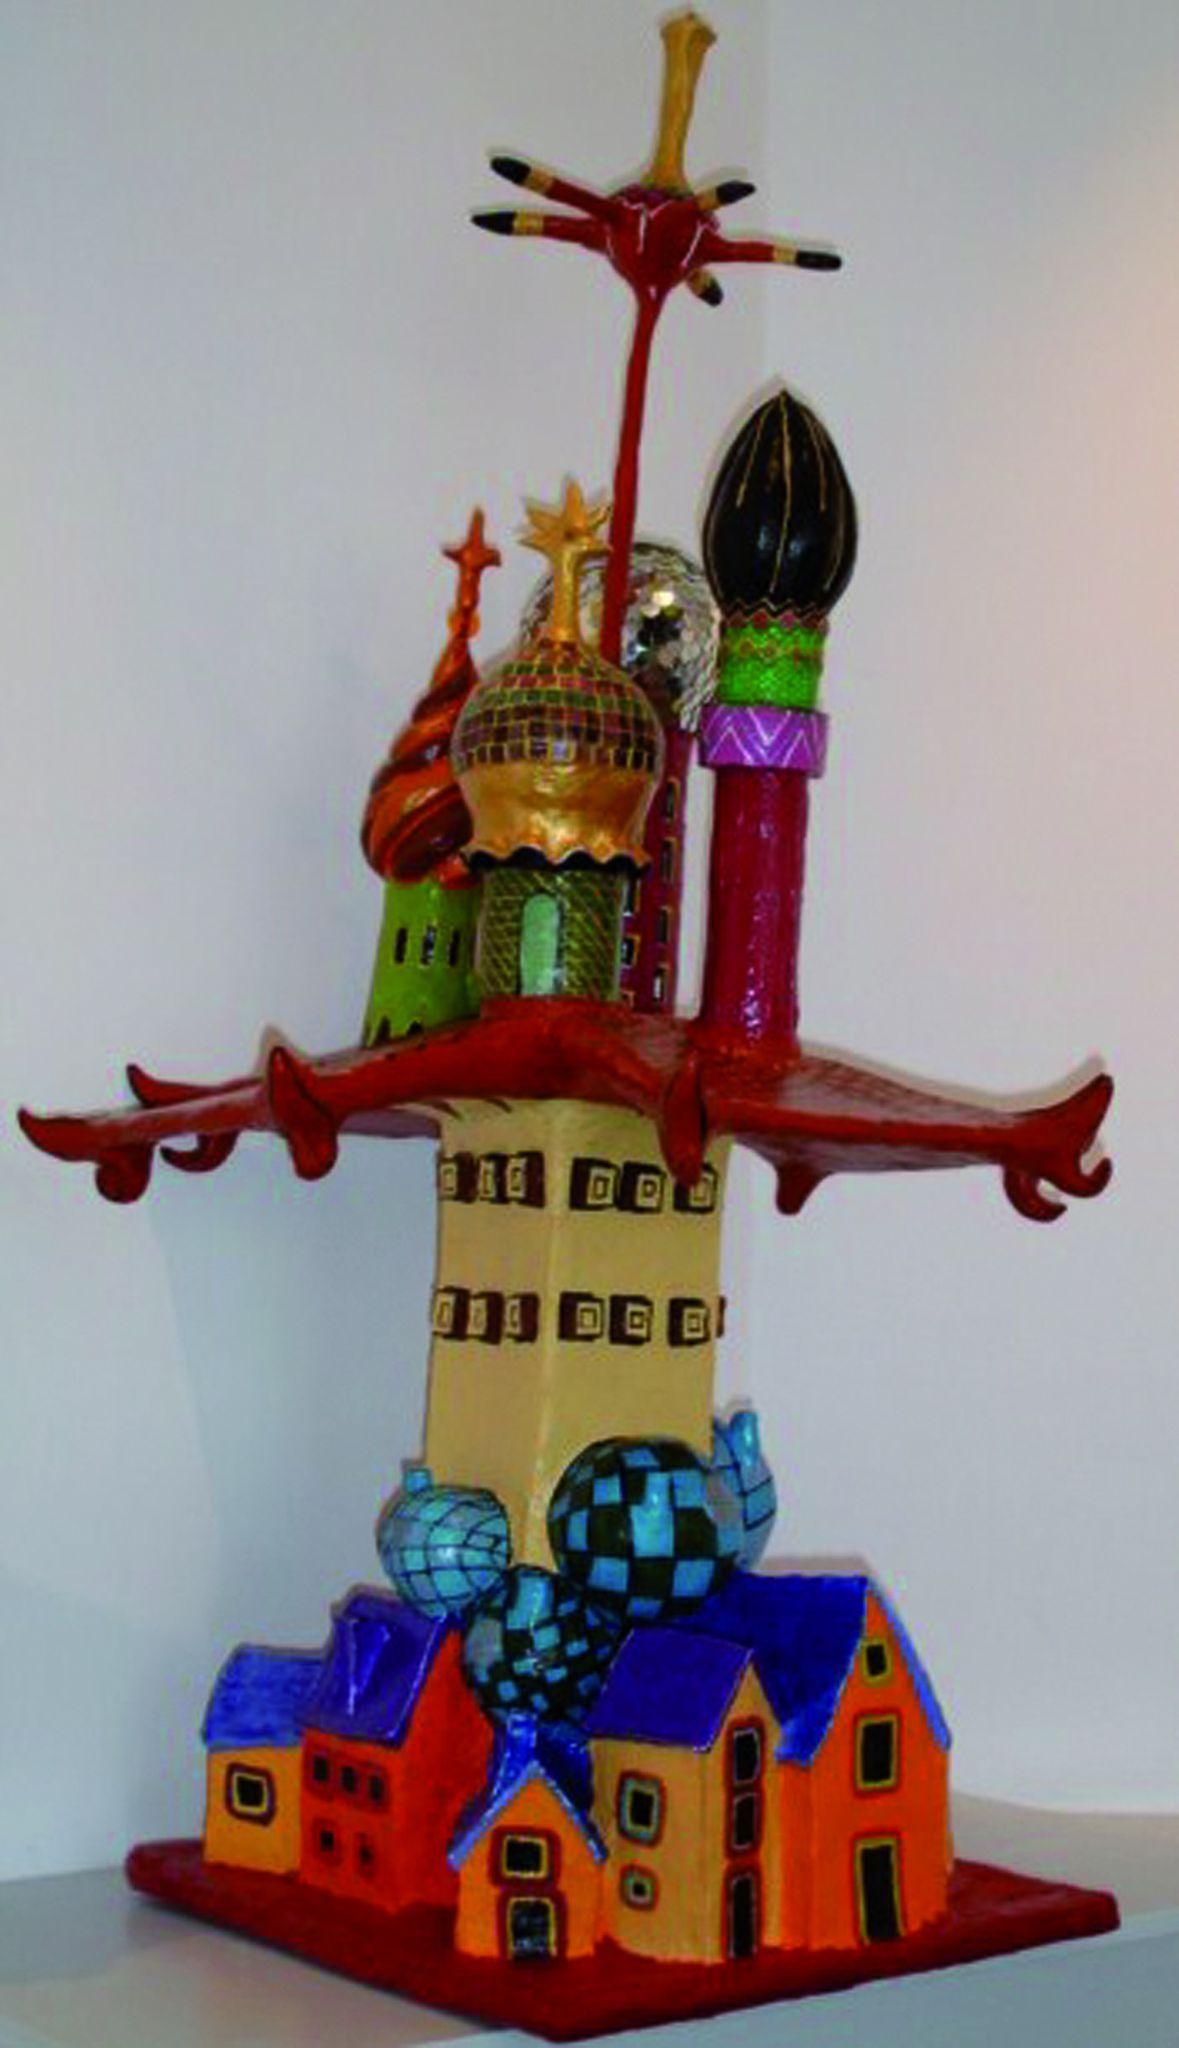 CanalBlog : La page demandée n'existe pas | Paper art sculpture, Paper  sculpture, Sculptures